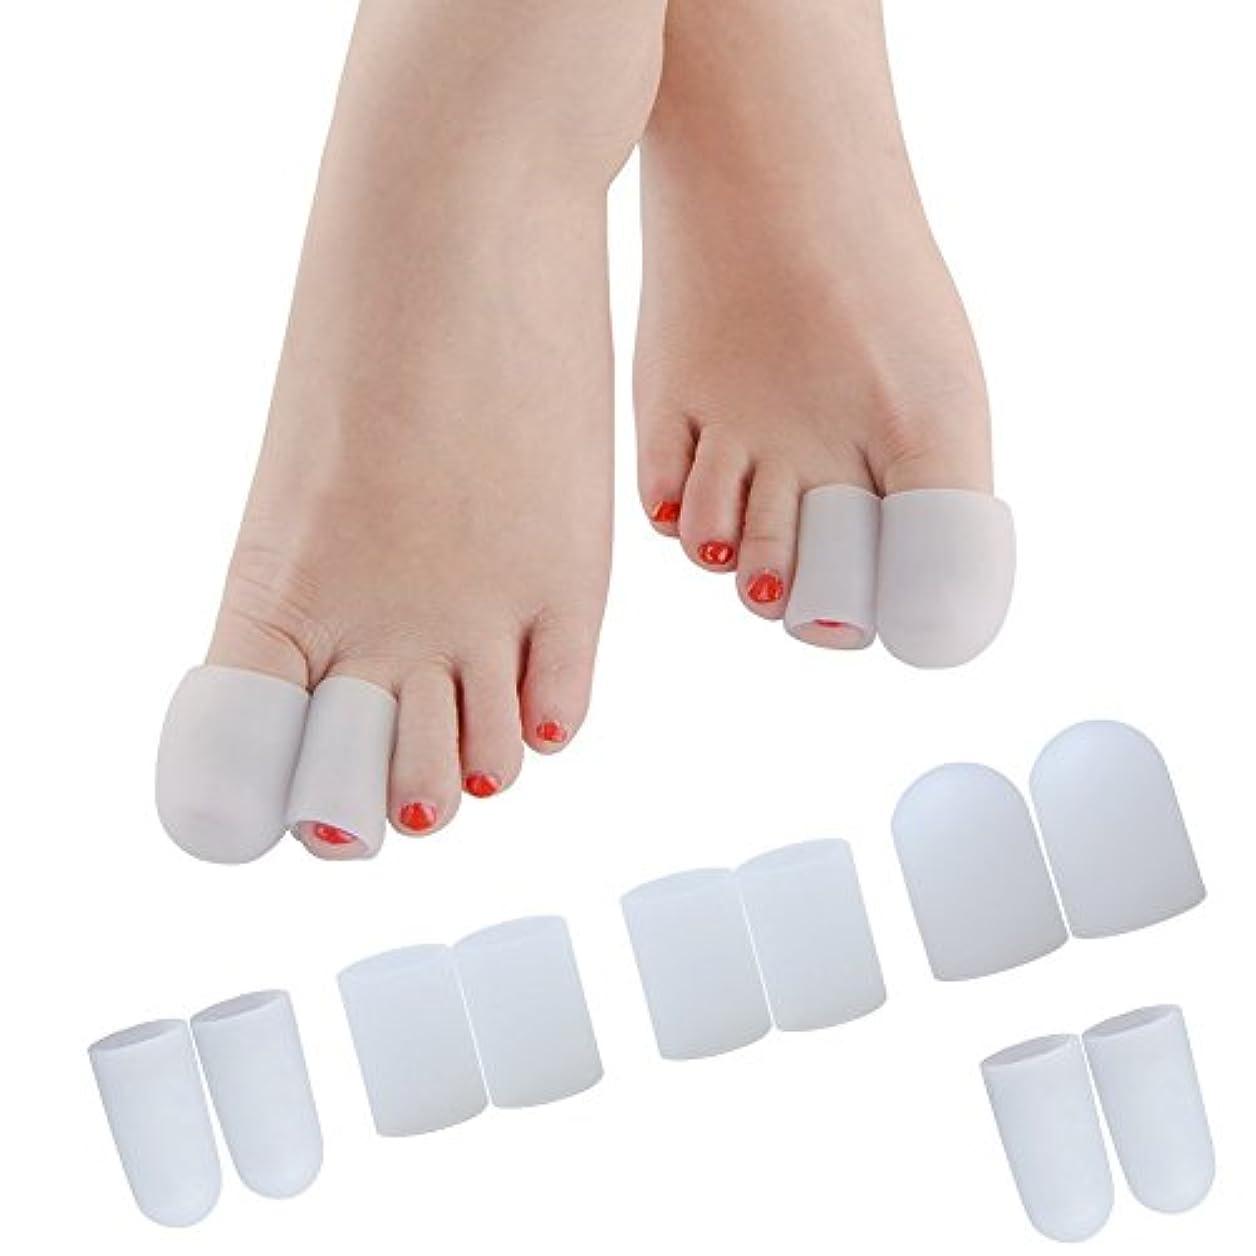 アノイ指標不十分なPovihome 足指 足爪 保護キャップ 親指, 足先のつめ保護キャップ, つま先キャップ 白い 5ペア,足指保護キャップ